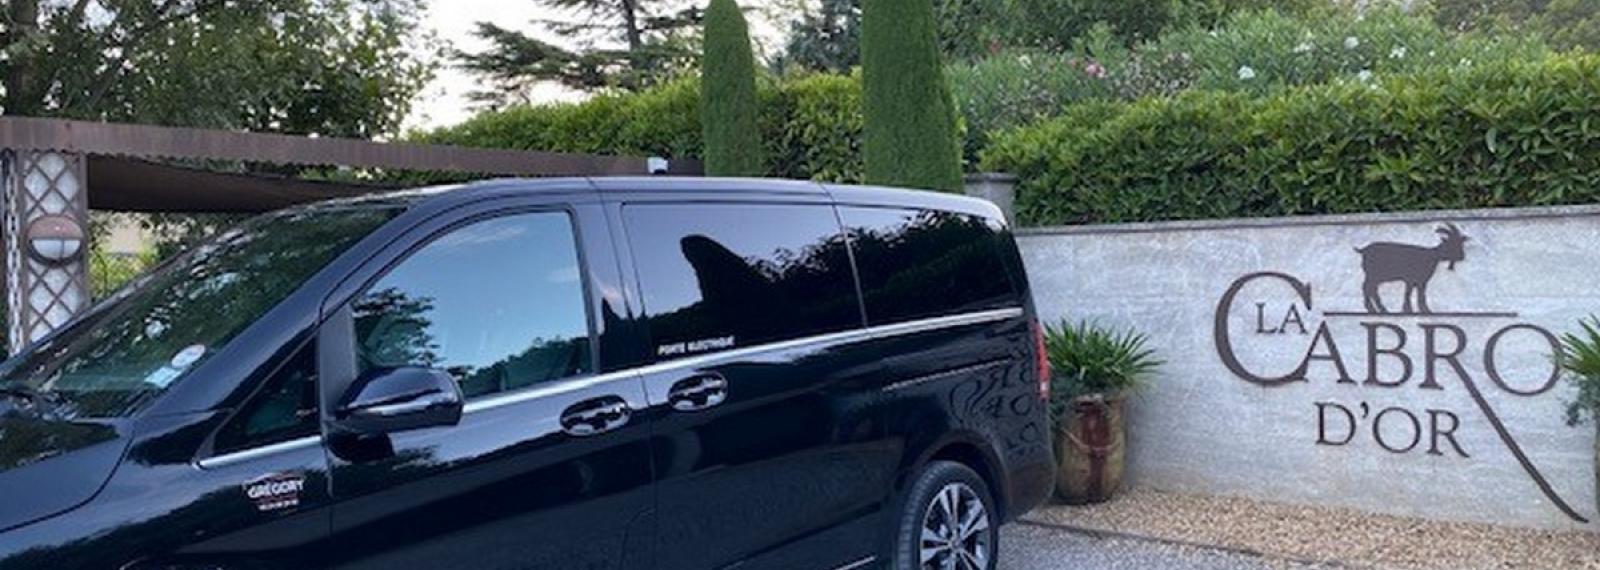 VTC Chauffeur Privé Provence